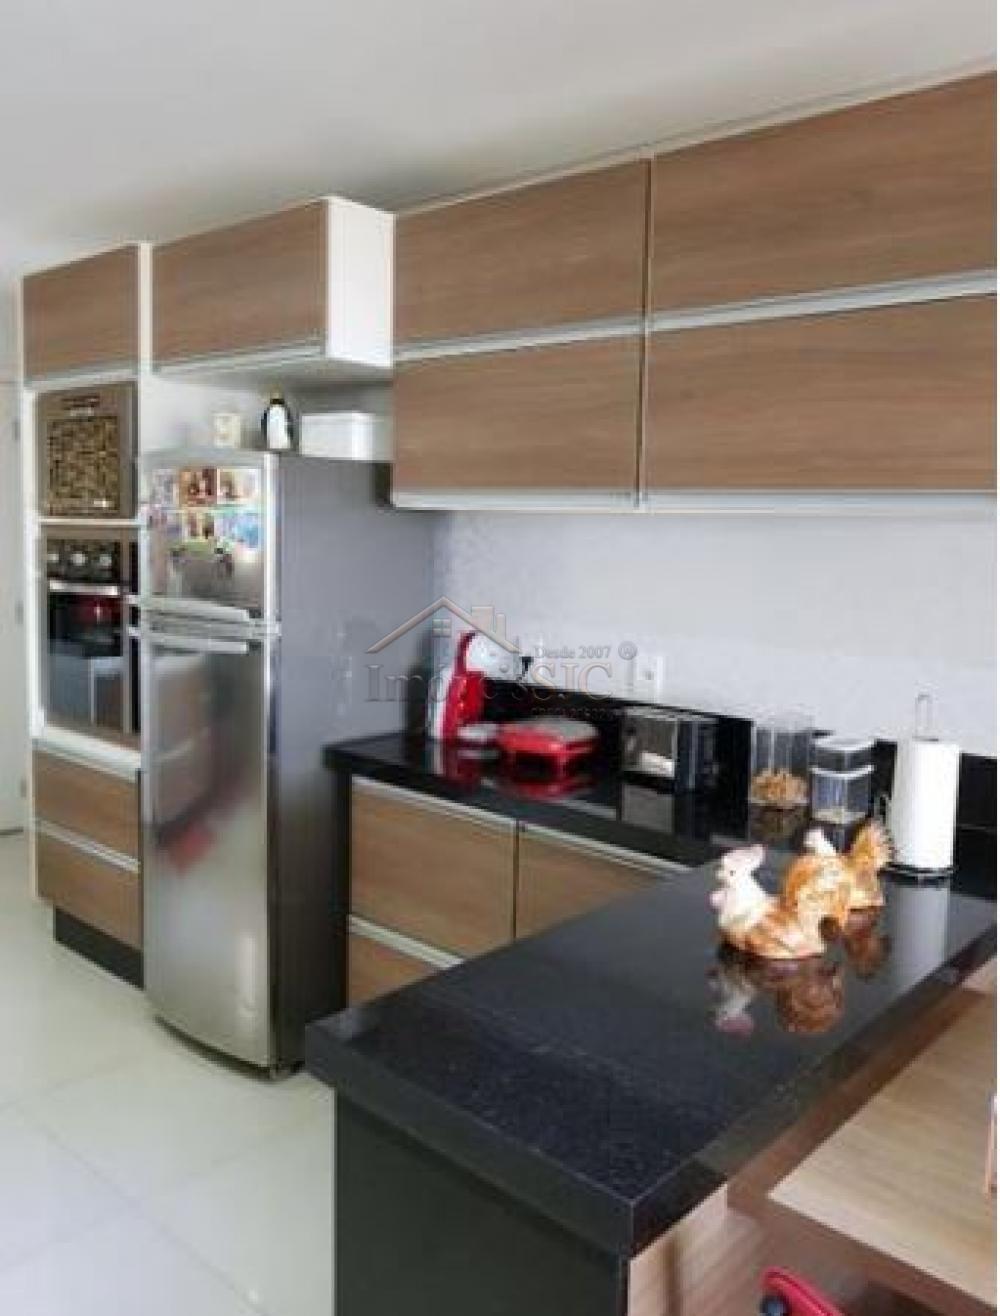 Comprar Apartamentos / Padrão em São José dos Campos apenas R$ 1.450.000,00 - Foto 7